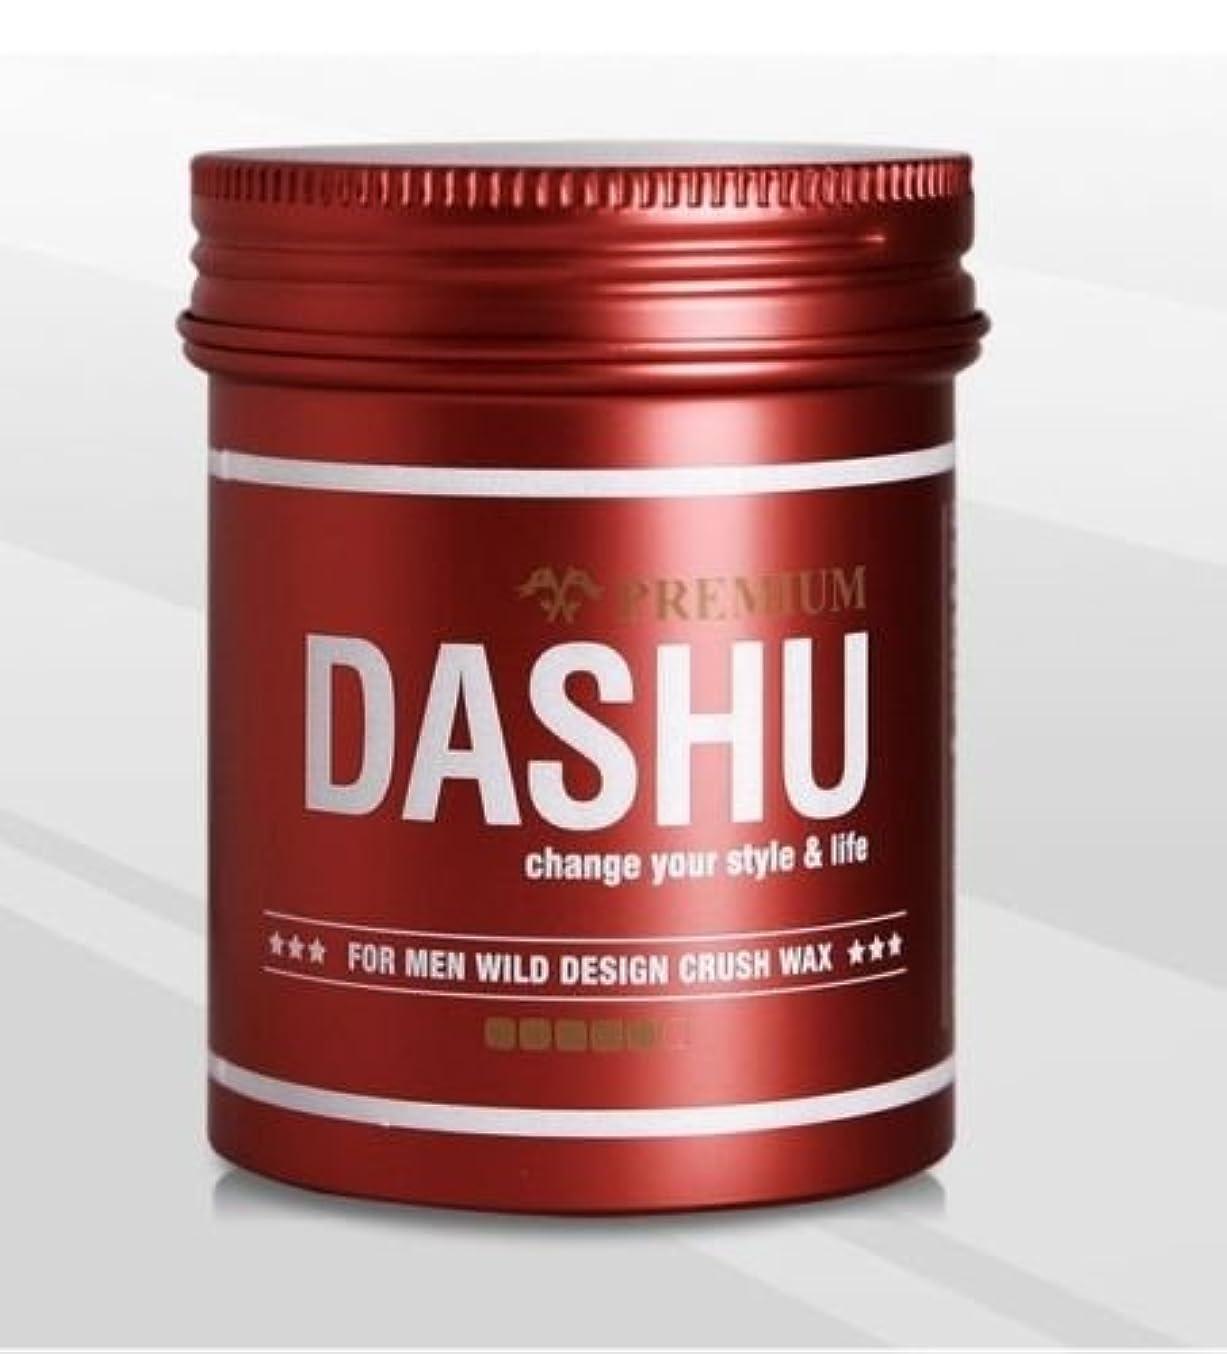 最も早い注入天井[DASHU] ダシュ For Men男性用 プレミアムワイルドデザインクラッシュワックス Premium Wild Design Crush Hair Wax 100ml / 韓国製 . 韓国直送品